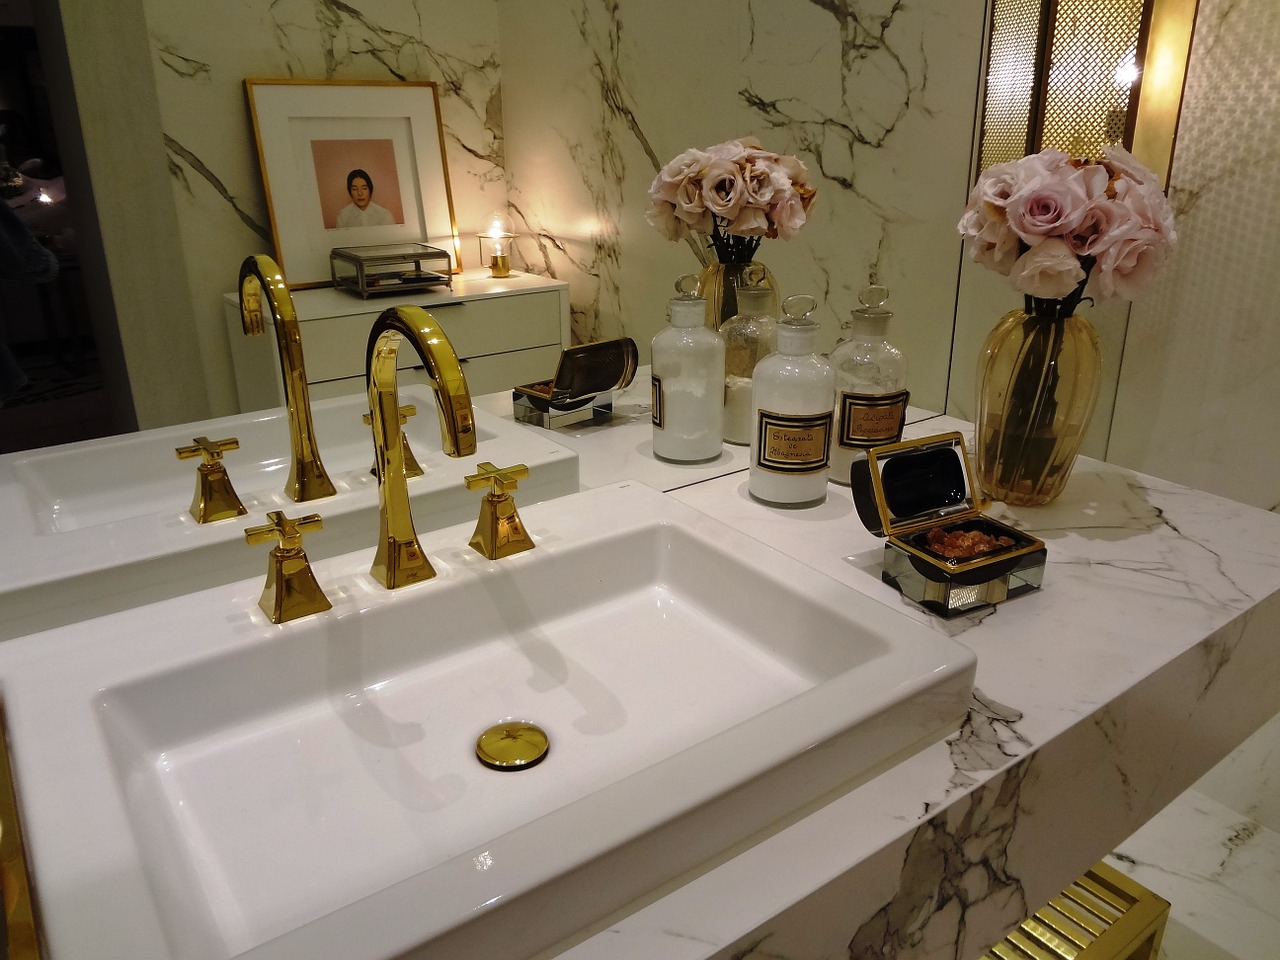 Rénovation de salle de bain complète dans la Seine-et-Marne